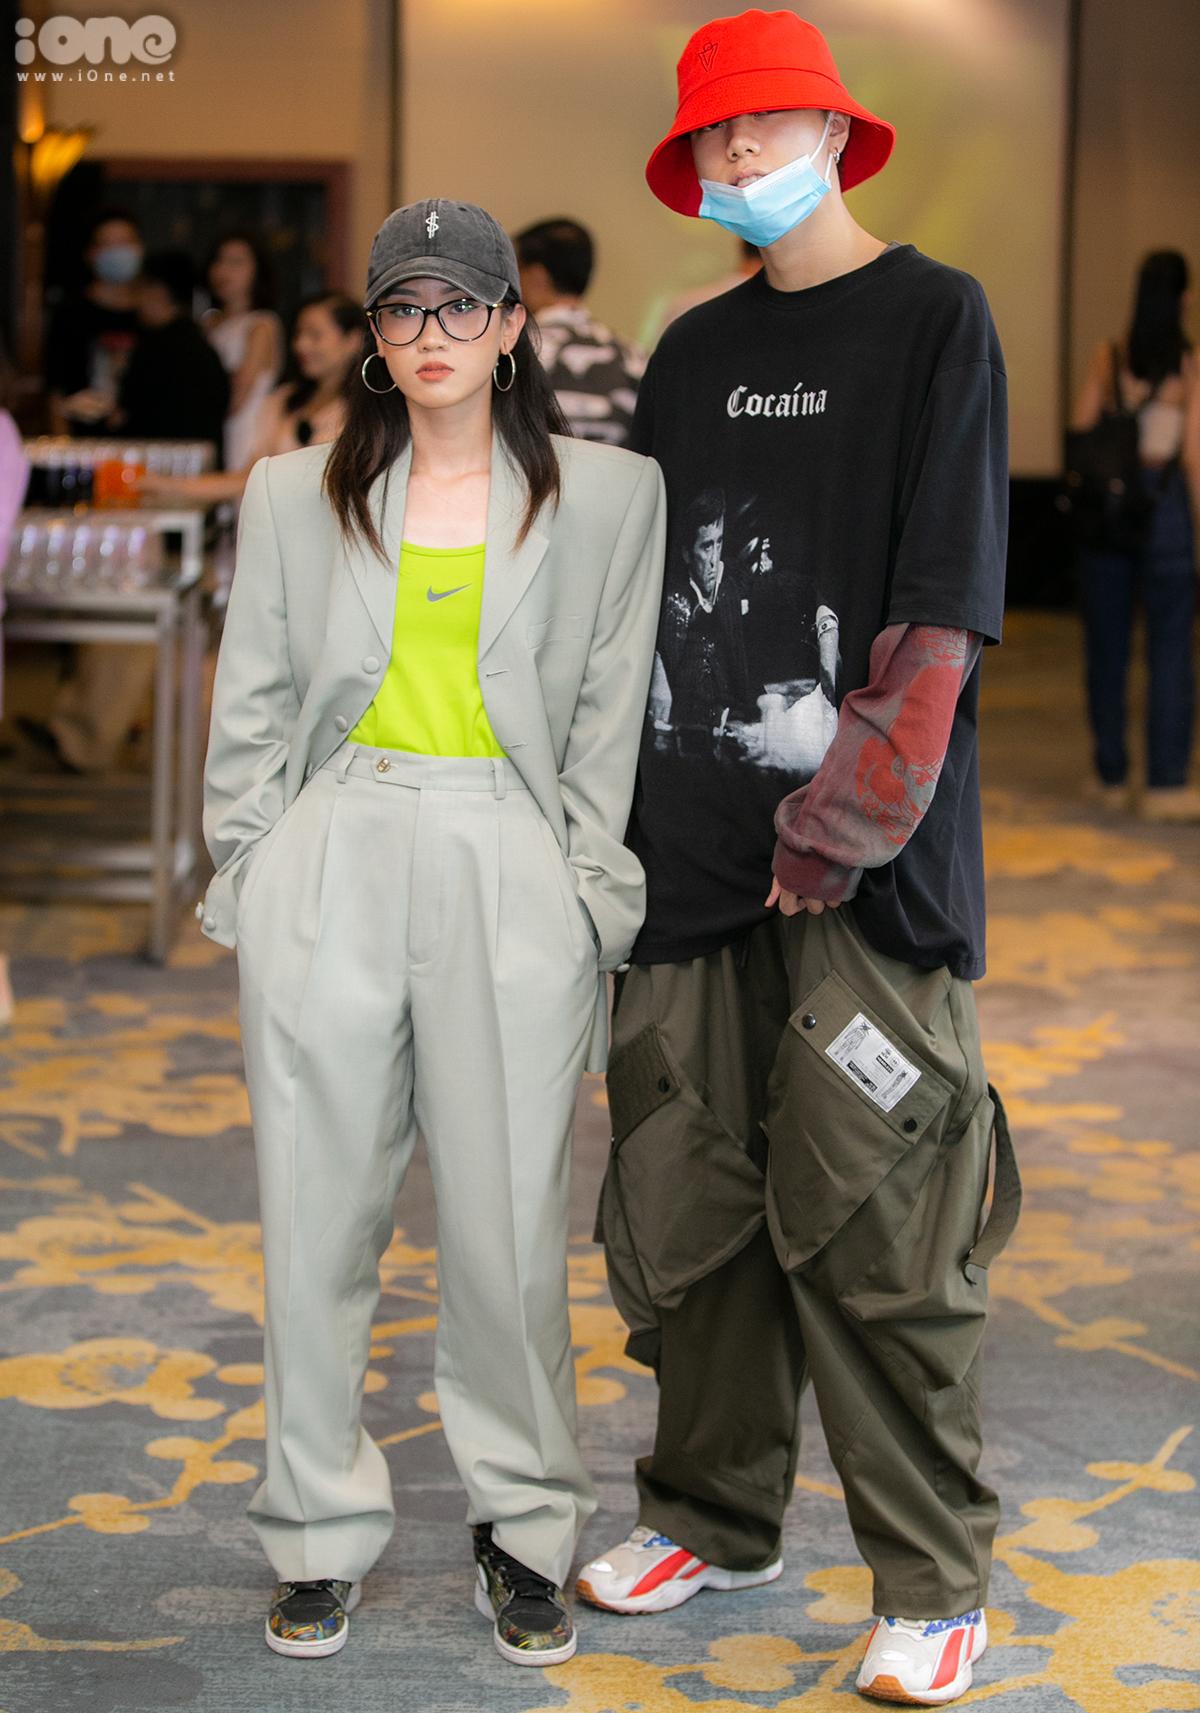 Không có giới hạn trong chuyện ăn mặc với sinh viên Học viện thời trang London. Cặp đôi Phương Linh - Văn Nghĩa chọn phong cách streetwear bụi phủi với cách lên đồ layer cùng những item oversized.